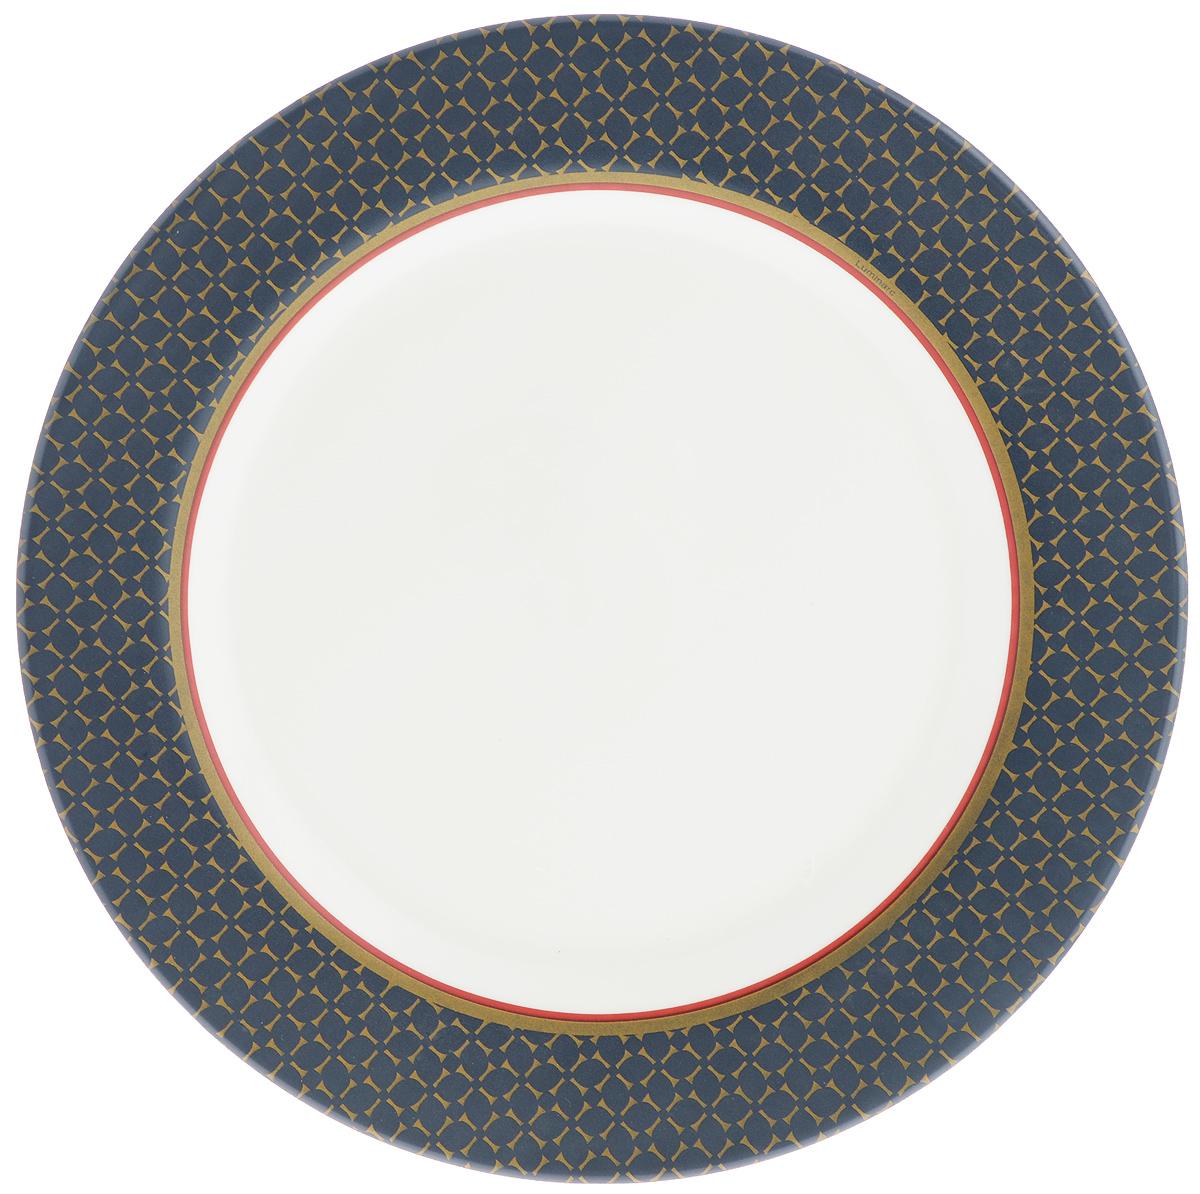 Тарелка обеденная Luminarc Alto Saphir, диаметр 27 см115610Обеденная тарелка Luminarc Alto Saphir, изготовленная из высококачественного стекла,имеет изысканный внешний вид. Такой дизайн придется по вкусу и ценителям классики,и тем, кто предпочитает утонченность. Тарелка Luminarc Alto Saphir идеально подойдет для сервировкистола и станет отличным подарком к любому празднику.